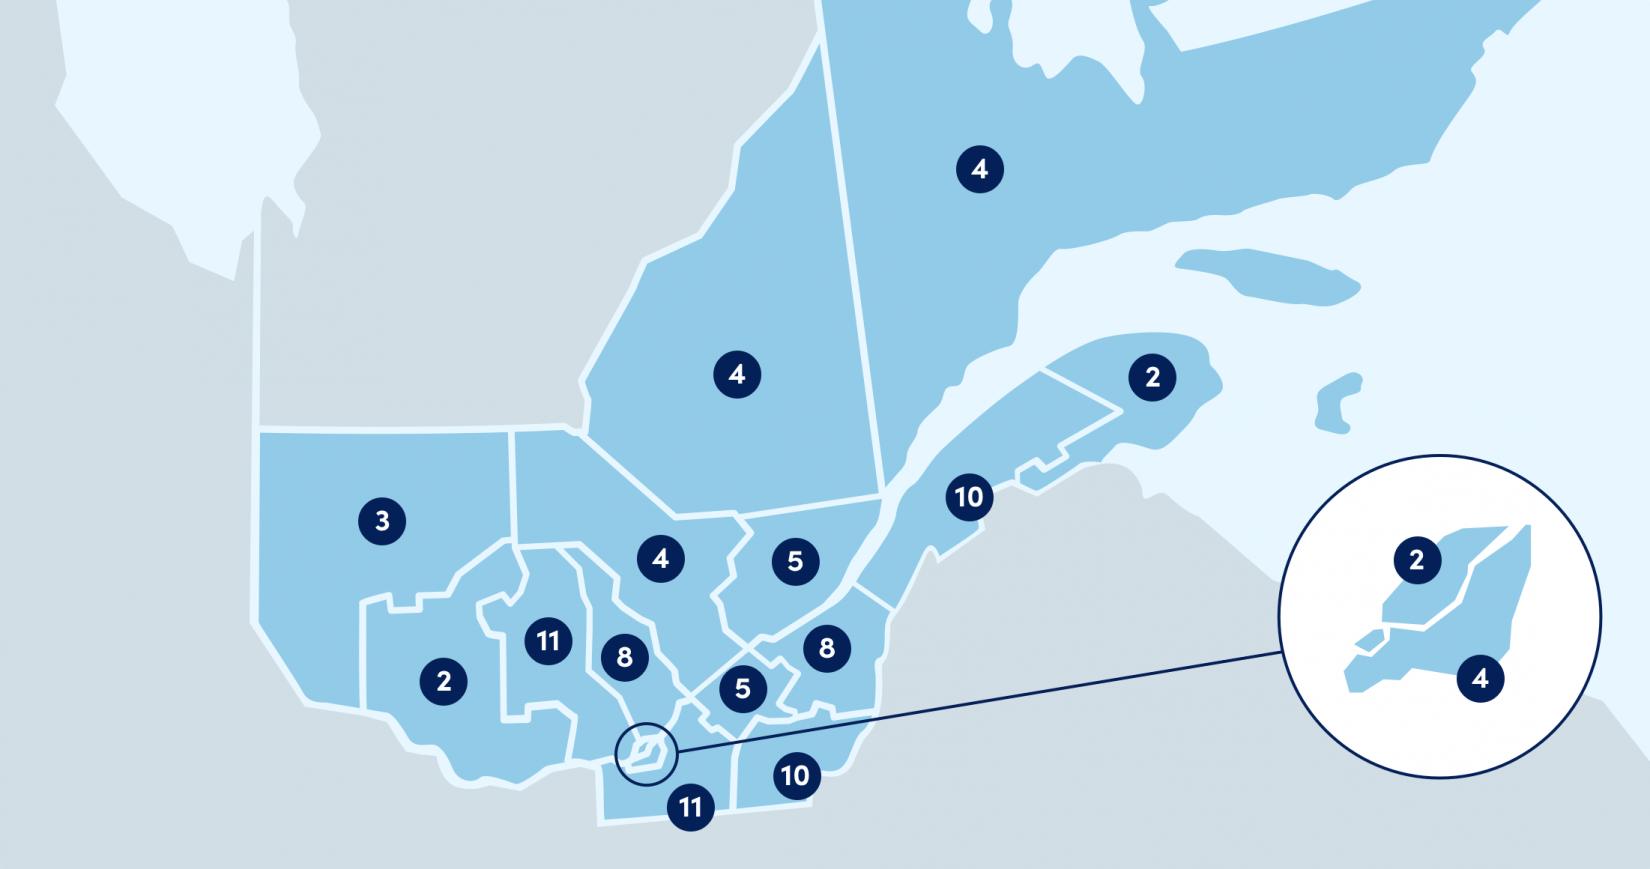 Le programme Chaîne de vie est enseignés dans près d'une centaine d'écoles au Québec